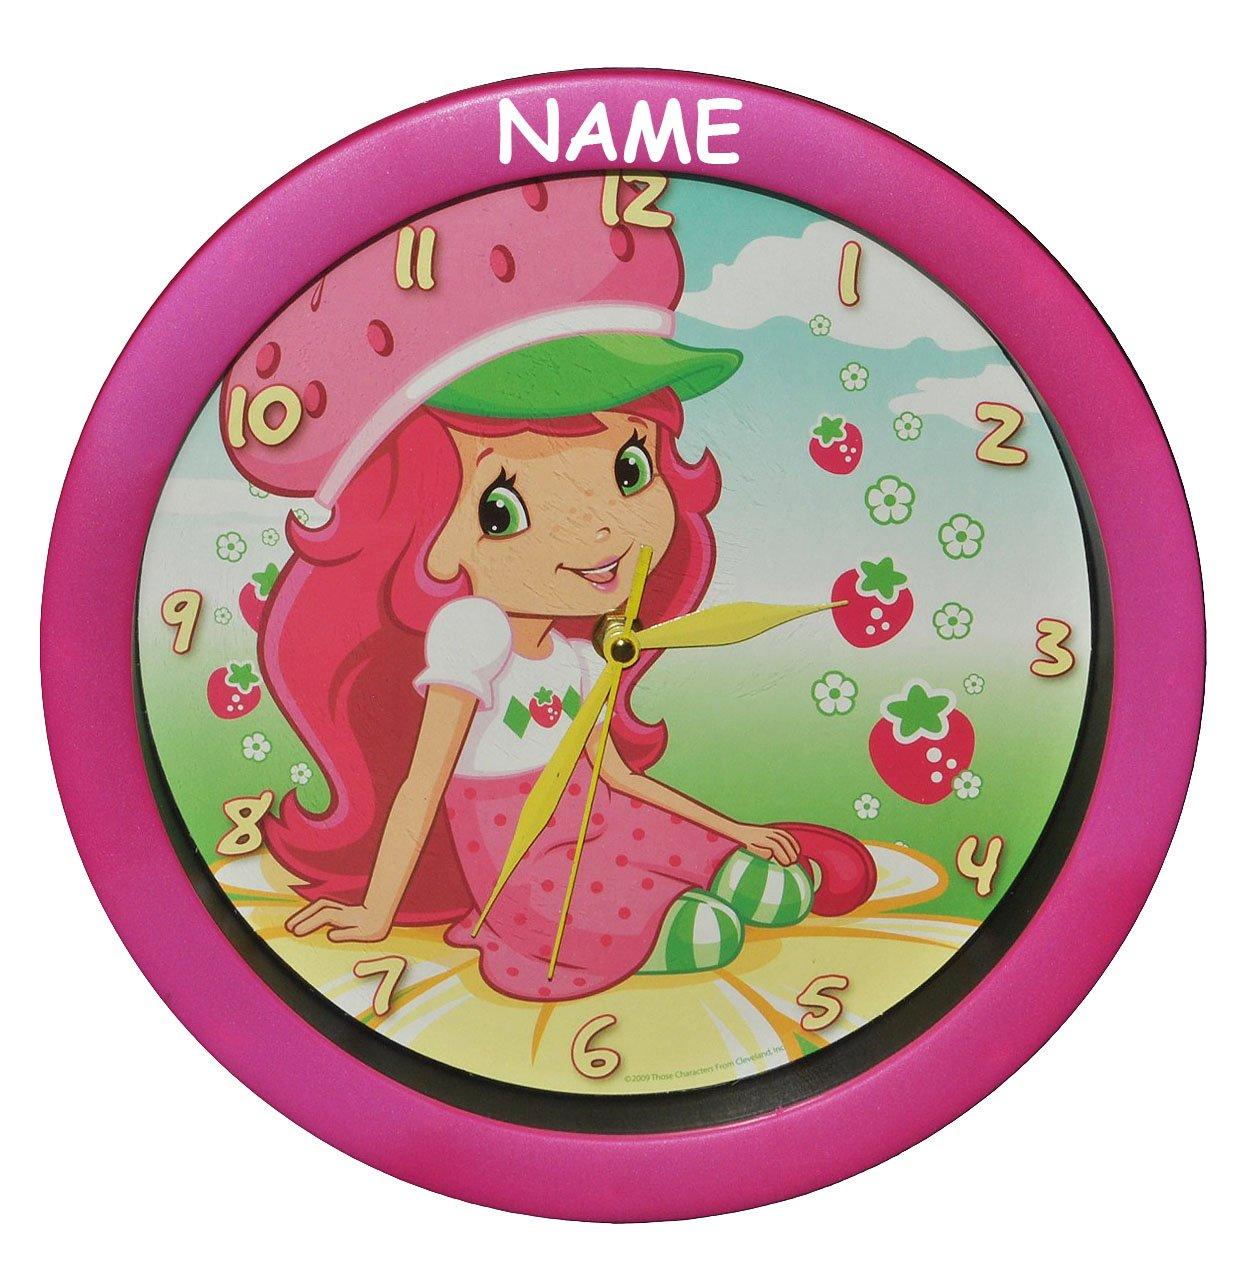 Wanduhr Emily Erdbeer incl. Name – 29 cm groß Uhr – für Kinderzimmer Kinderuhr – Analog Erdbeere Mädchen Frucht Puppe Blumen günstig bestellen